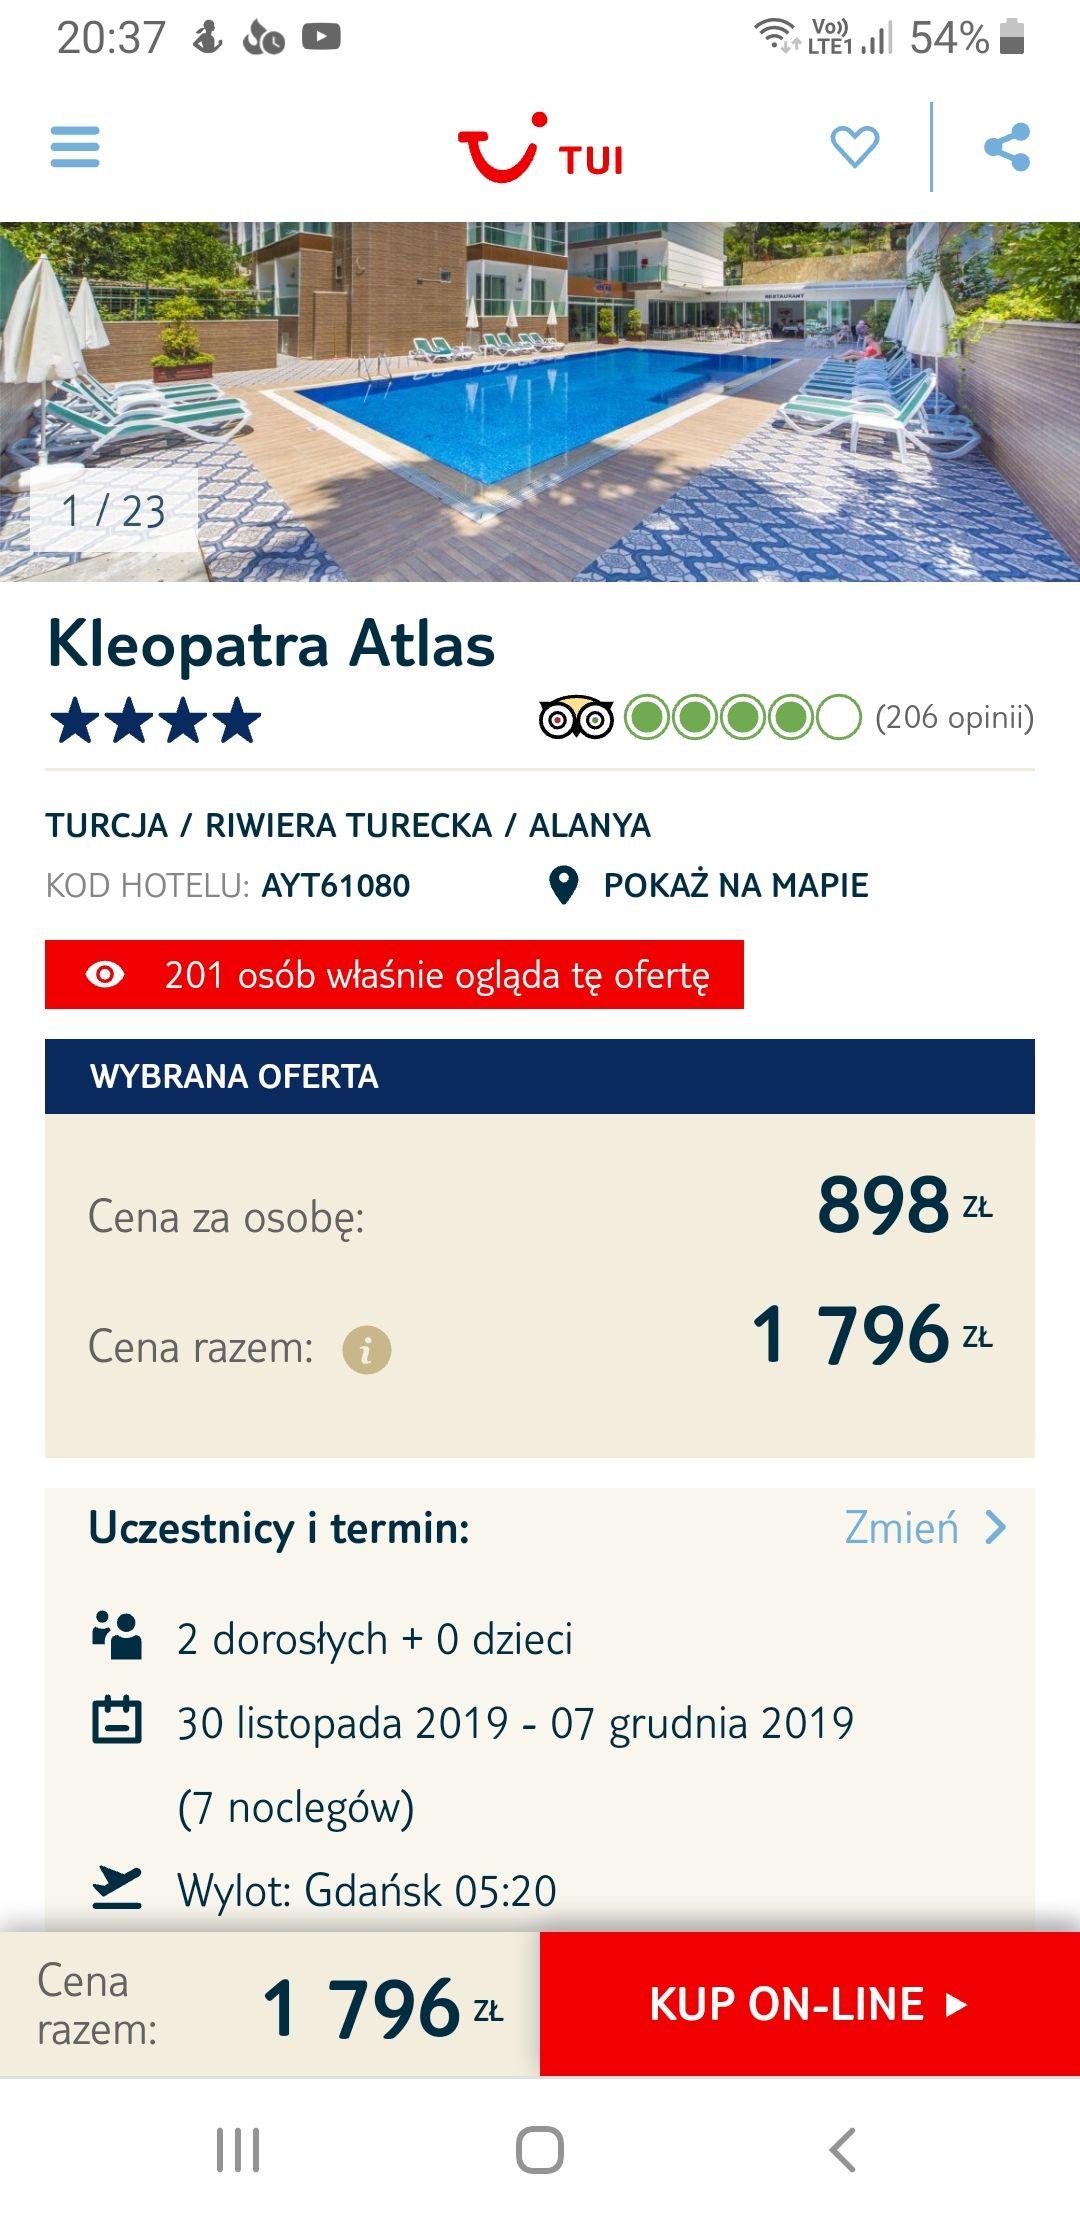 All inclusive w Turcji w 4* hotelu blisko plaży od 898 PLN. Wylot z 5 miast. 7 noclegów. 30.11 do 7.12